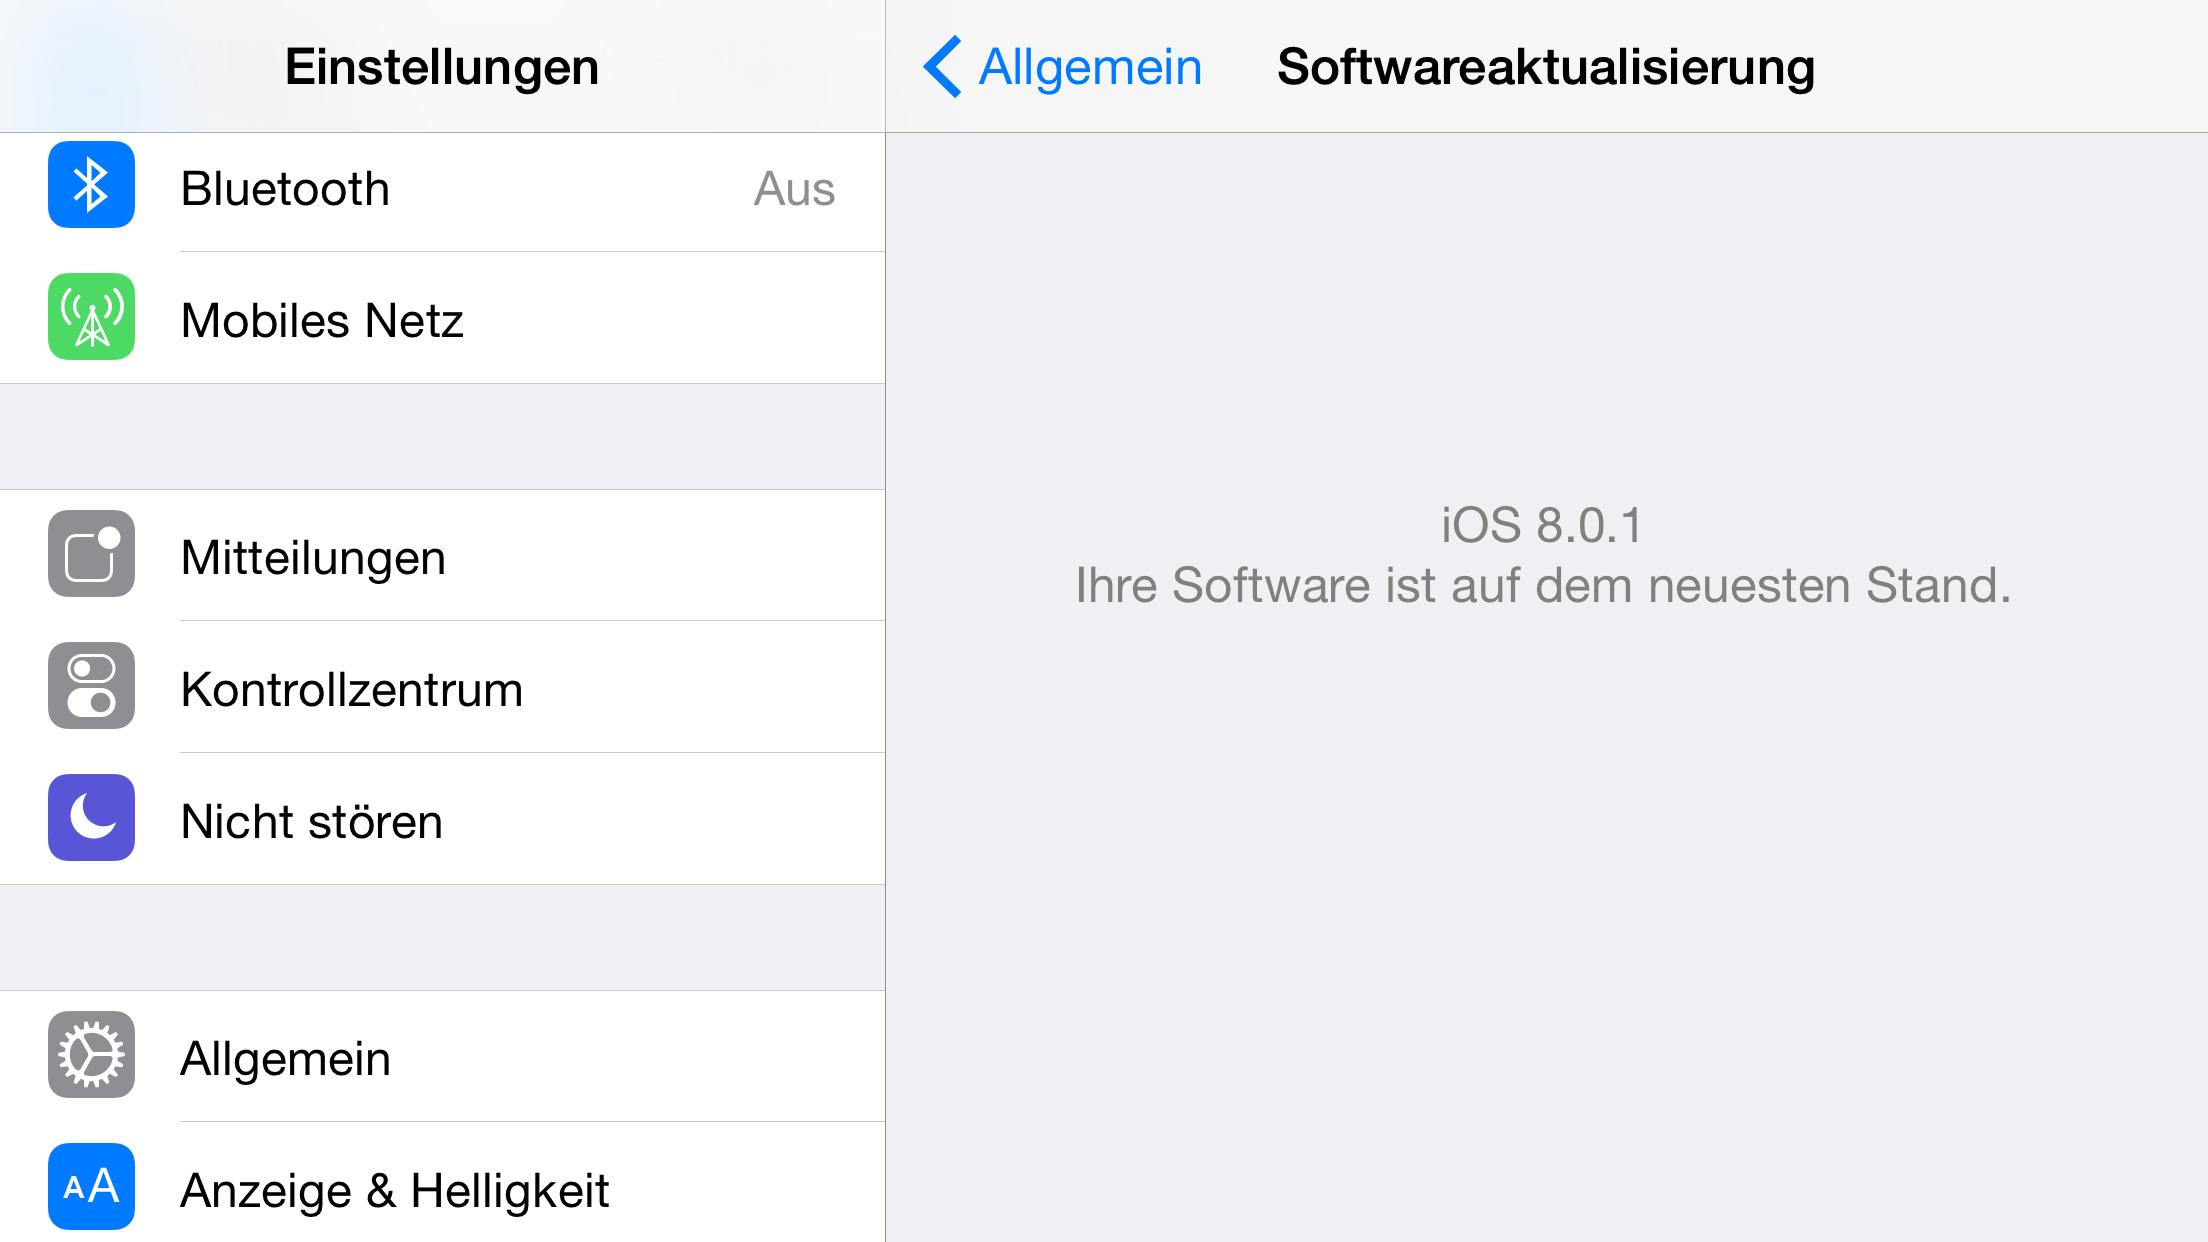 Installiert euch nicht iOS 8.0.1, Hack4Life klärt auf! Fabian Geissler